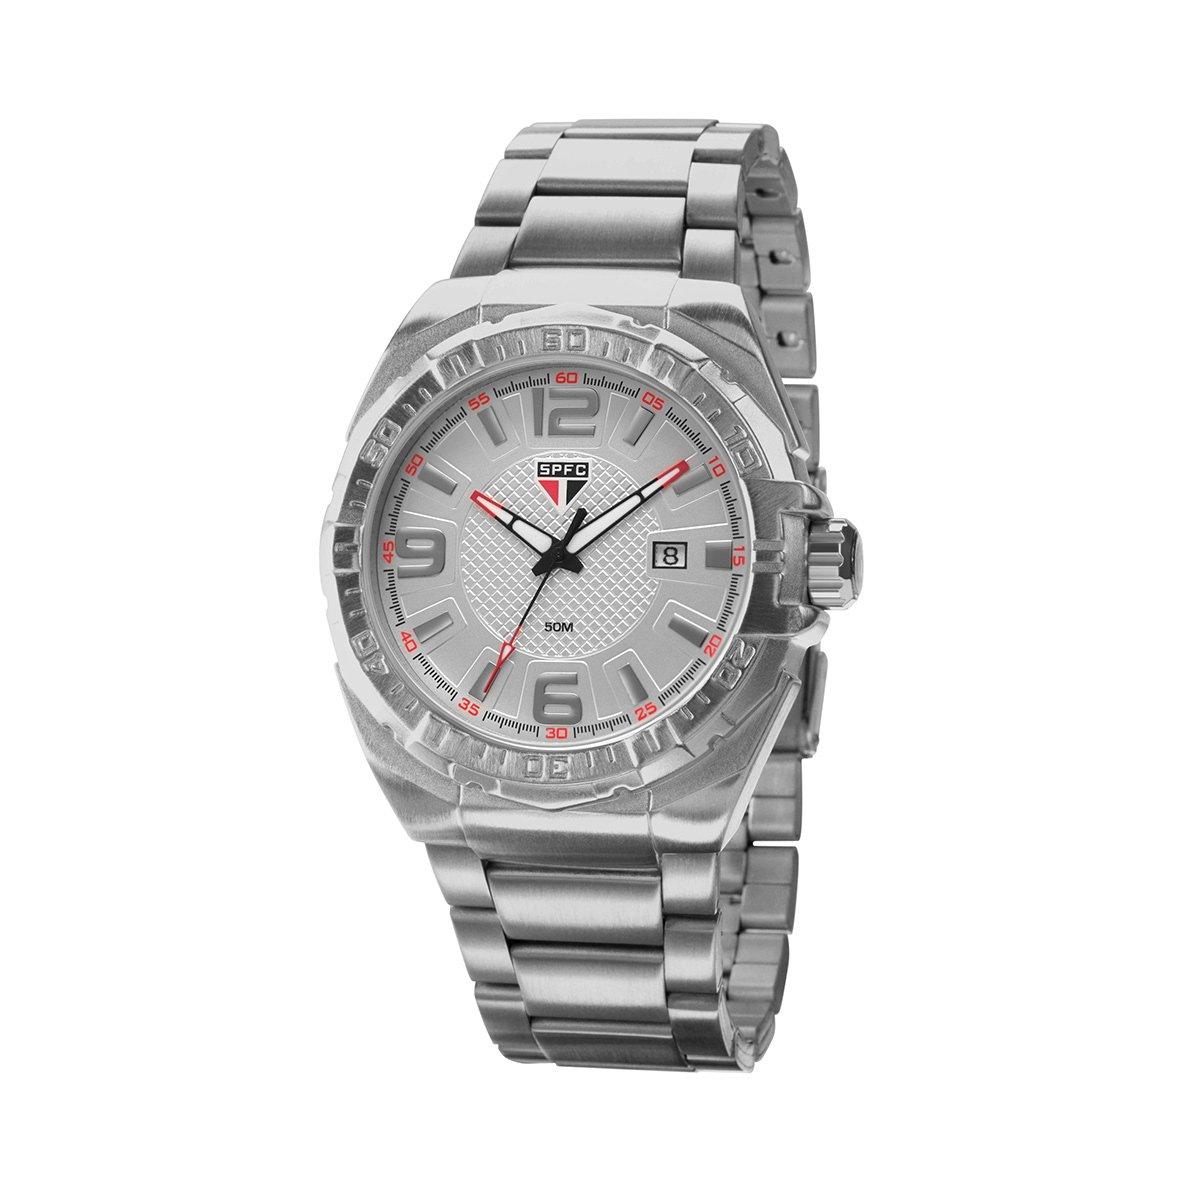 6d0f24b5c73 Relógio São Paulo Technos Metal Analógico II Calendário - Compre Agora